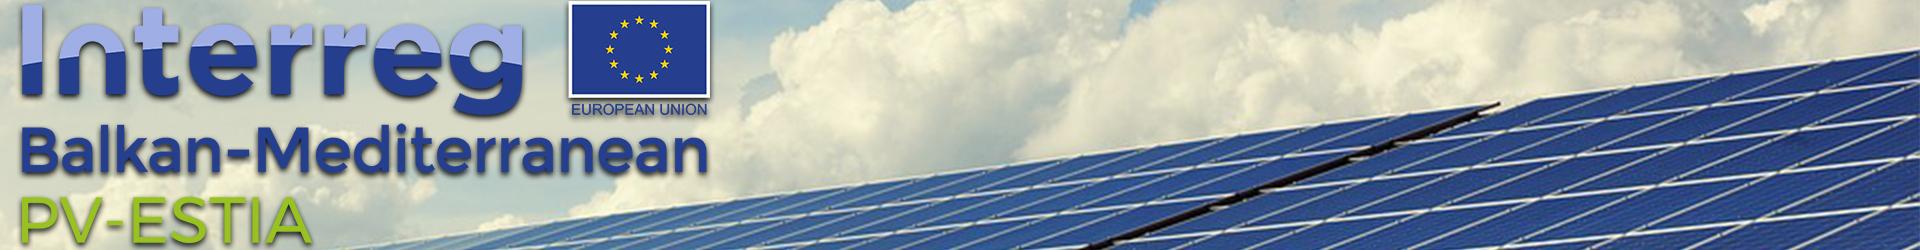 Πρόσκληση εκδήλωσης ενδιαφέροντος για ιδιοκτήτες φωτοβολταϊκών συστημάτων σε στέγες